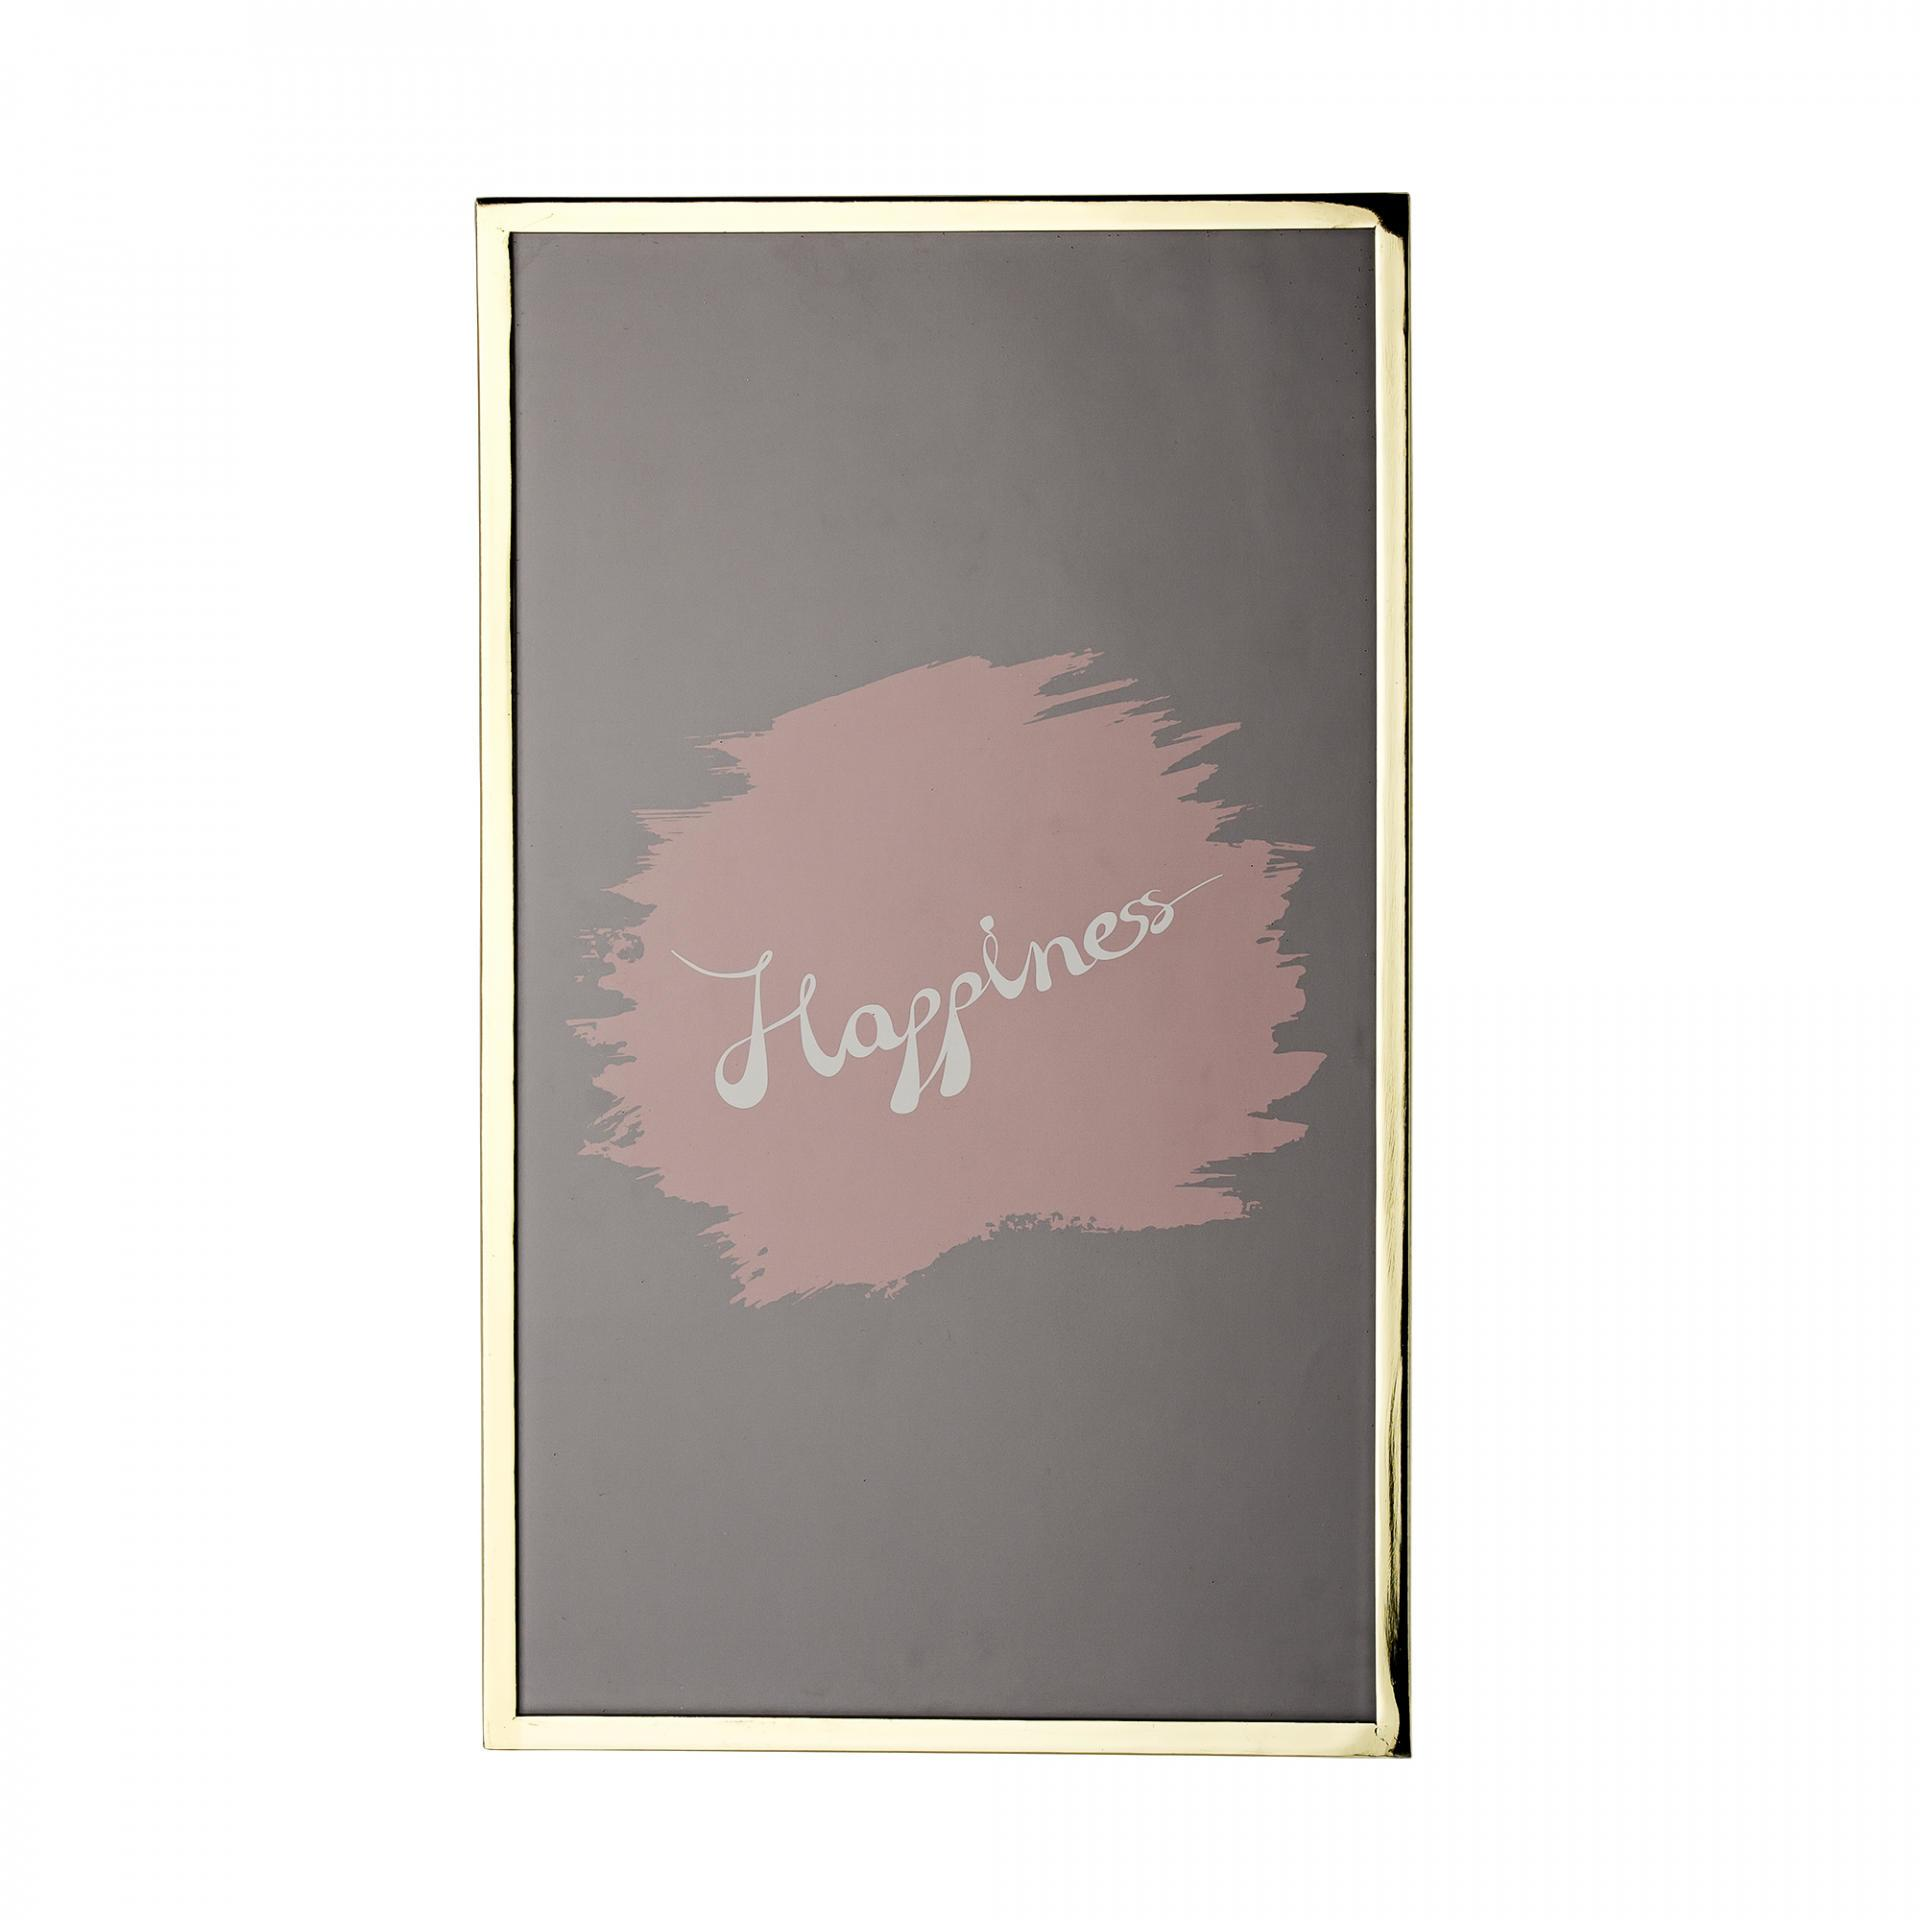 Bloomingville Obrázek ve zlatém rámu Happiness, růžová barva, šedá barva, zlatá barva, sklo, kov